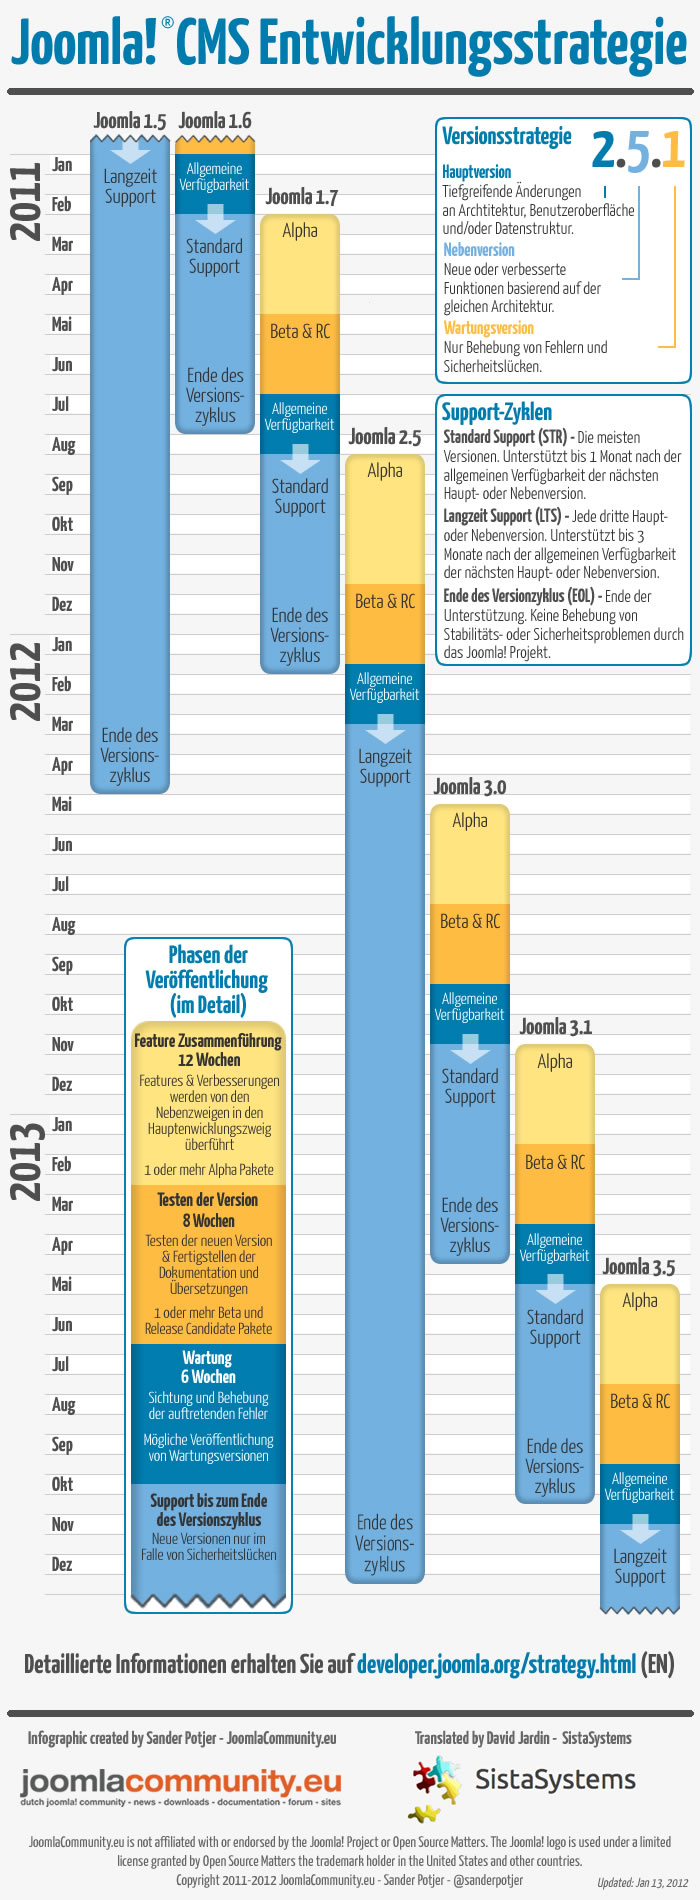 Grafik der neuen Joomla Entwicklungsstrategie